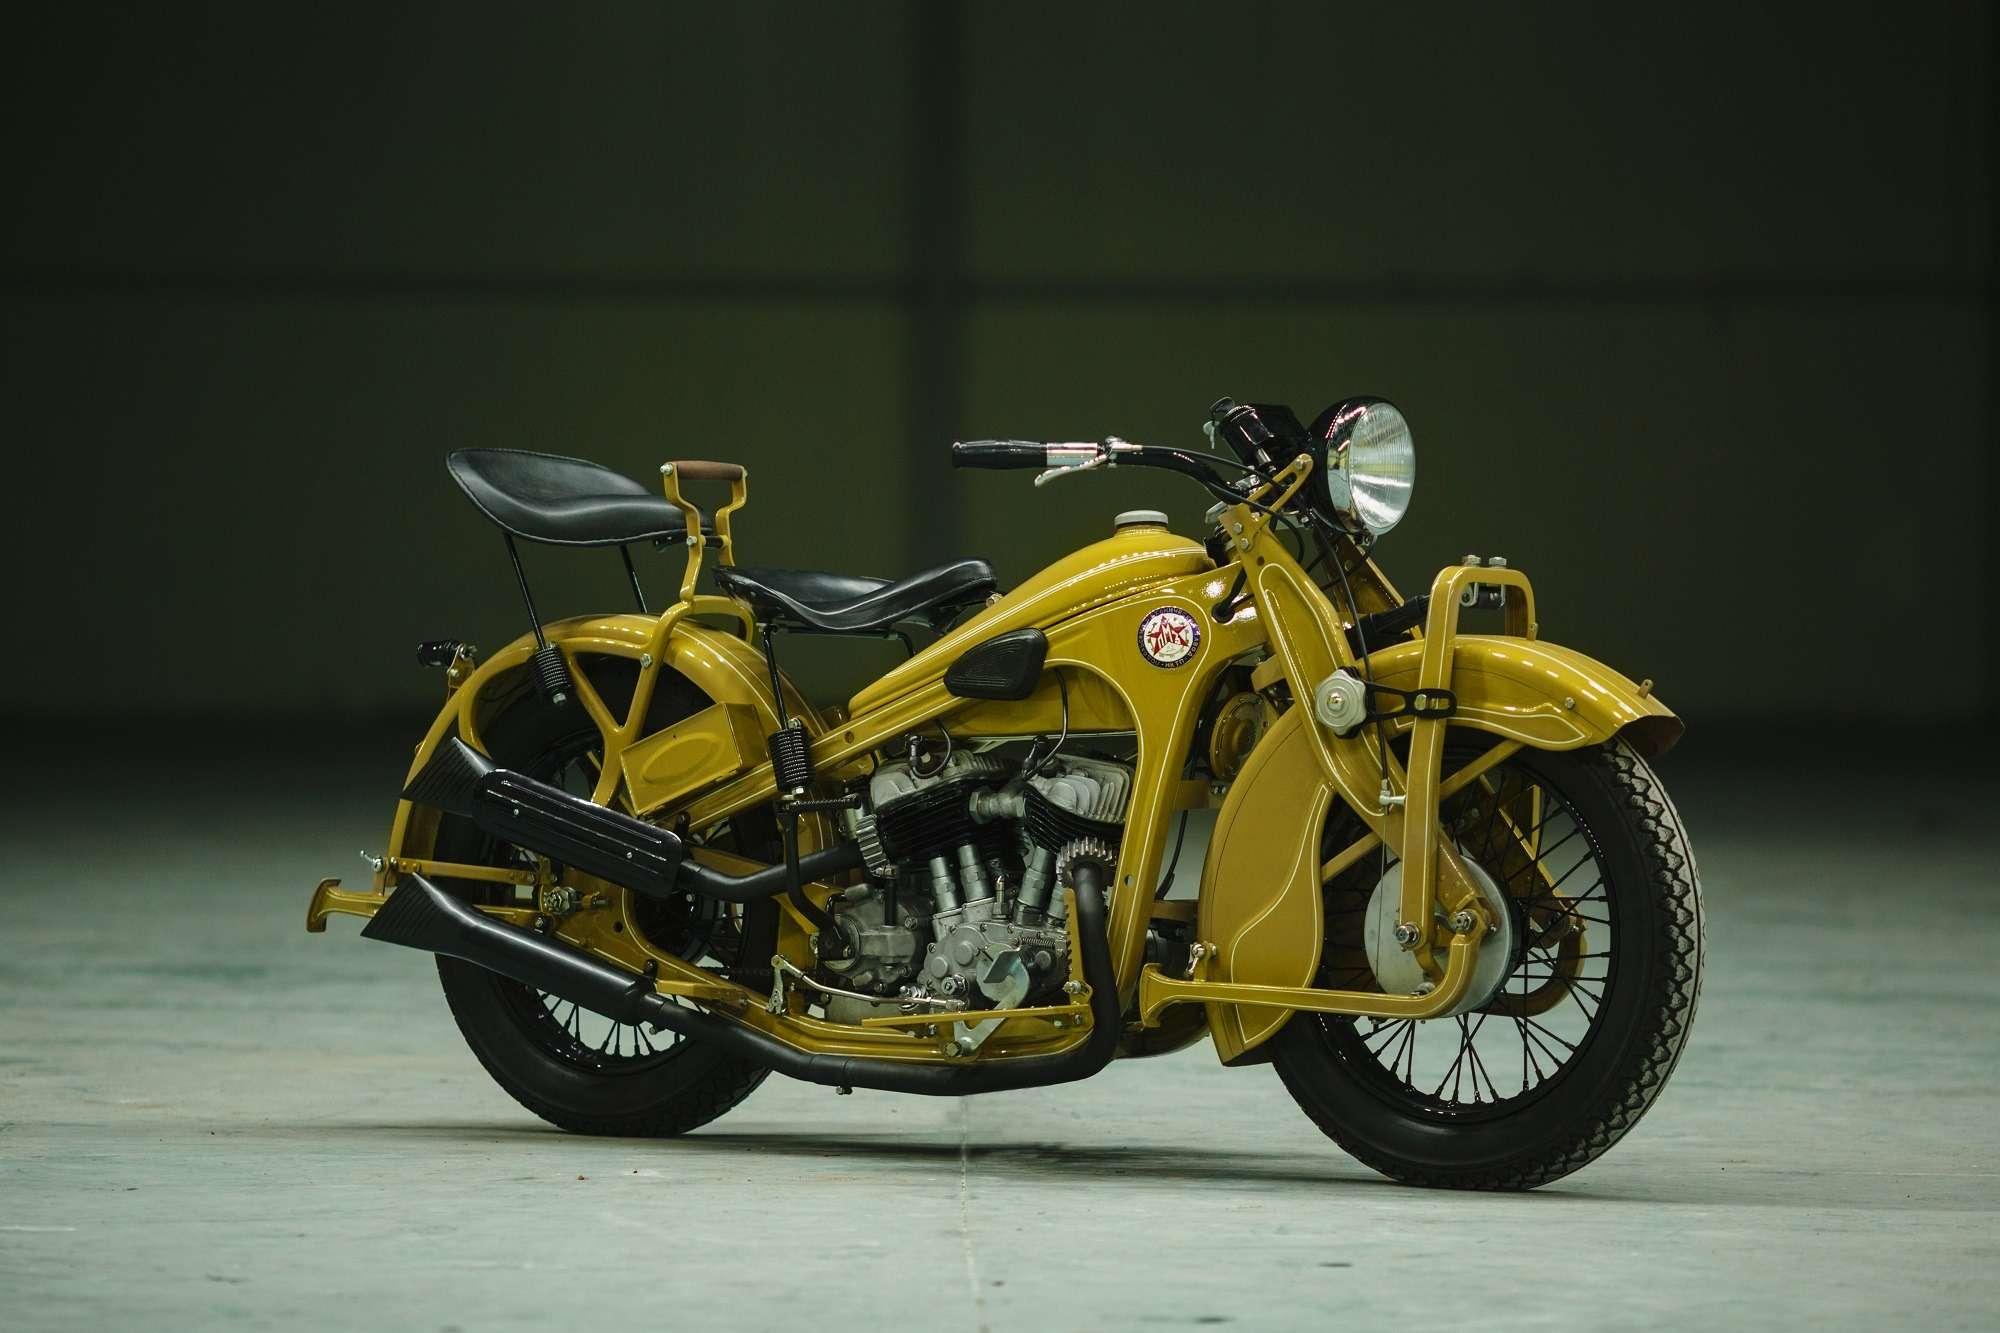 Тяжелый мотоцикл ПМЗ А-750: как Harley-Davidson оказался входовой BMW— фото 927411